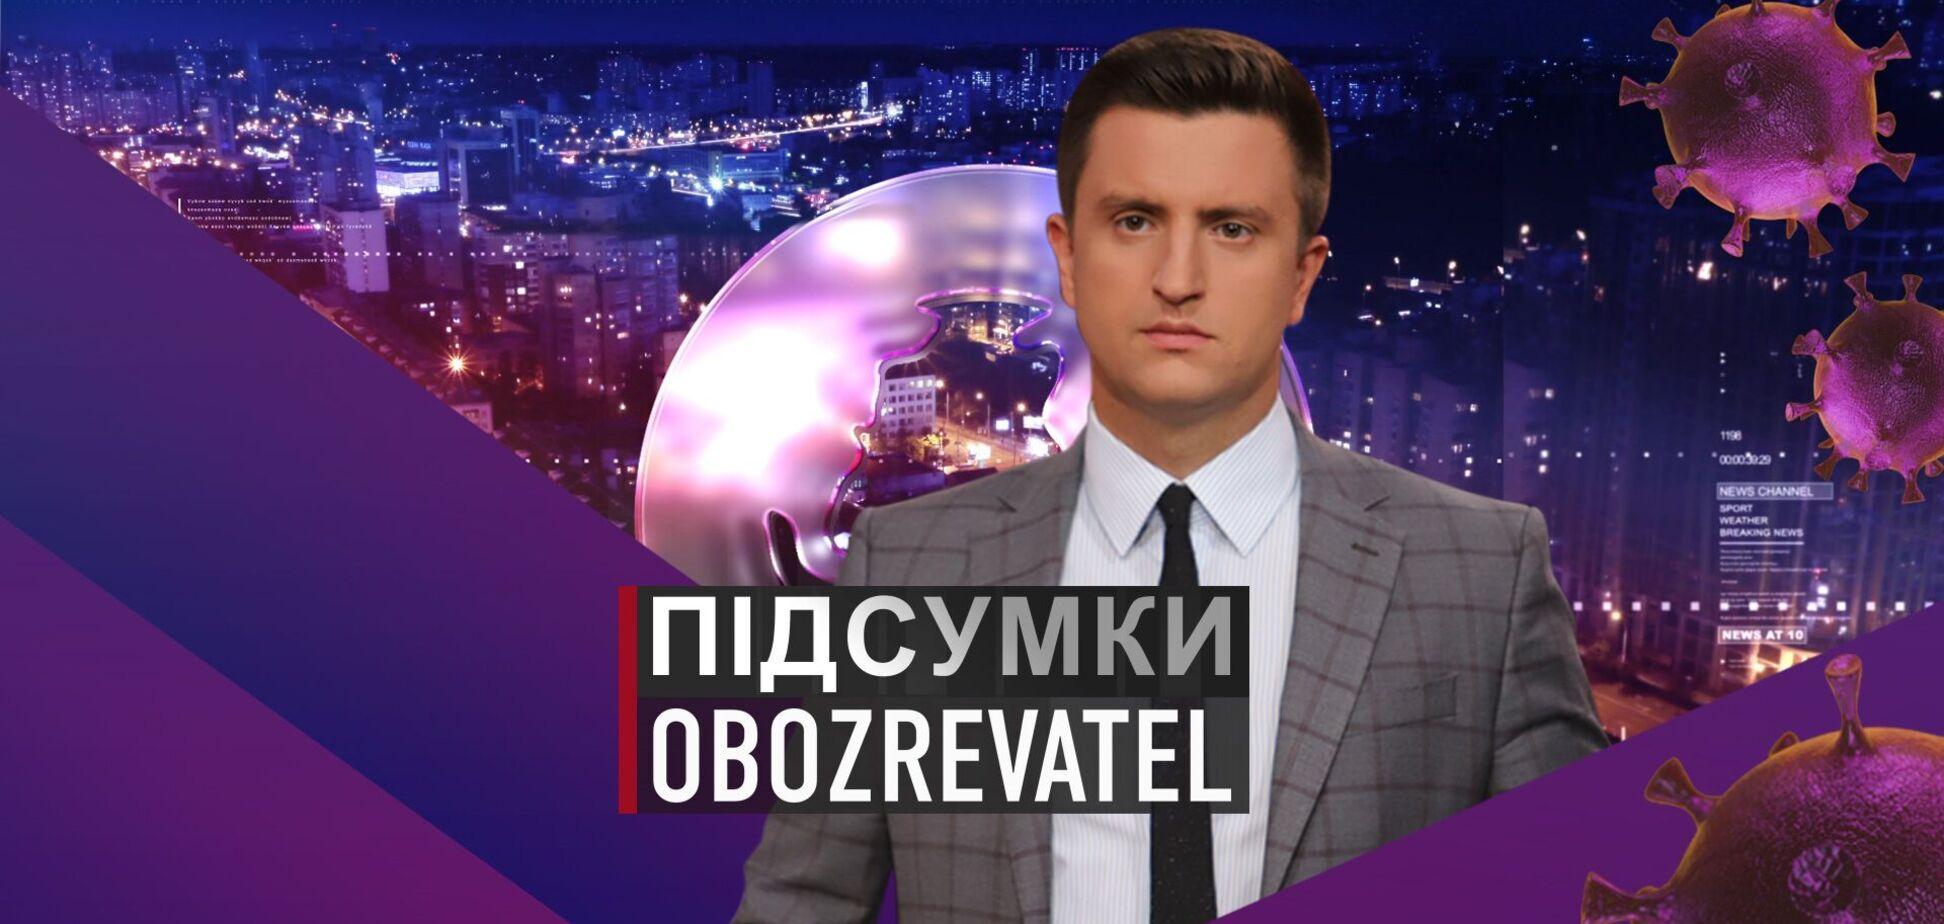 Підсумки з Вадимом Колодійчуком. Середа, 28 липня